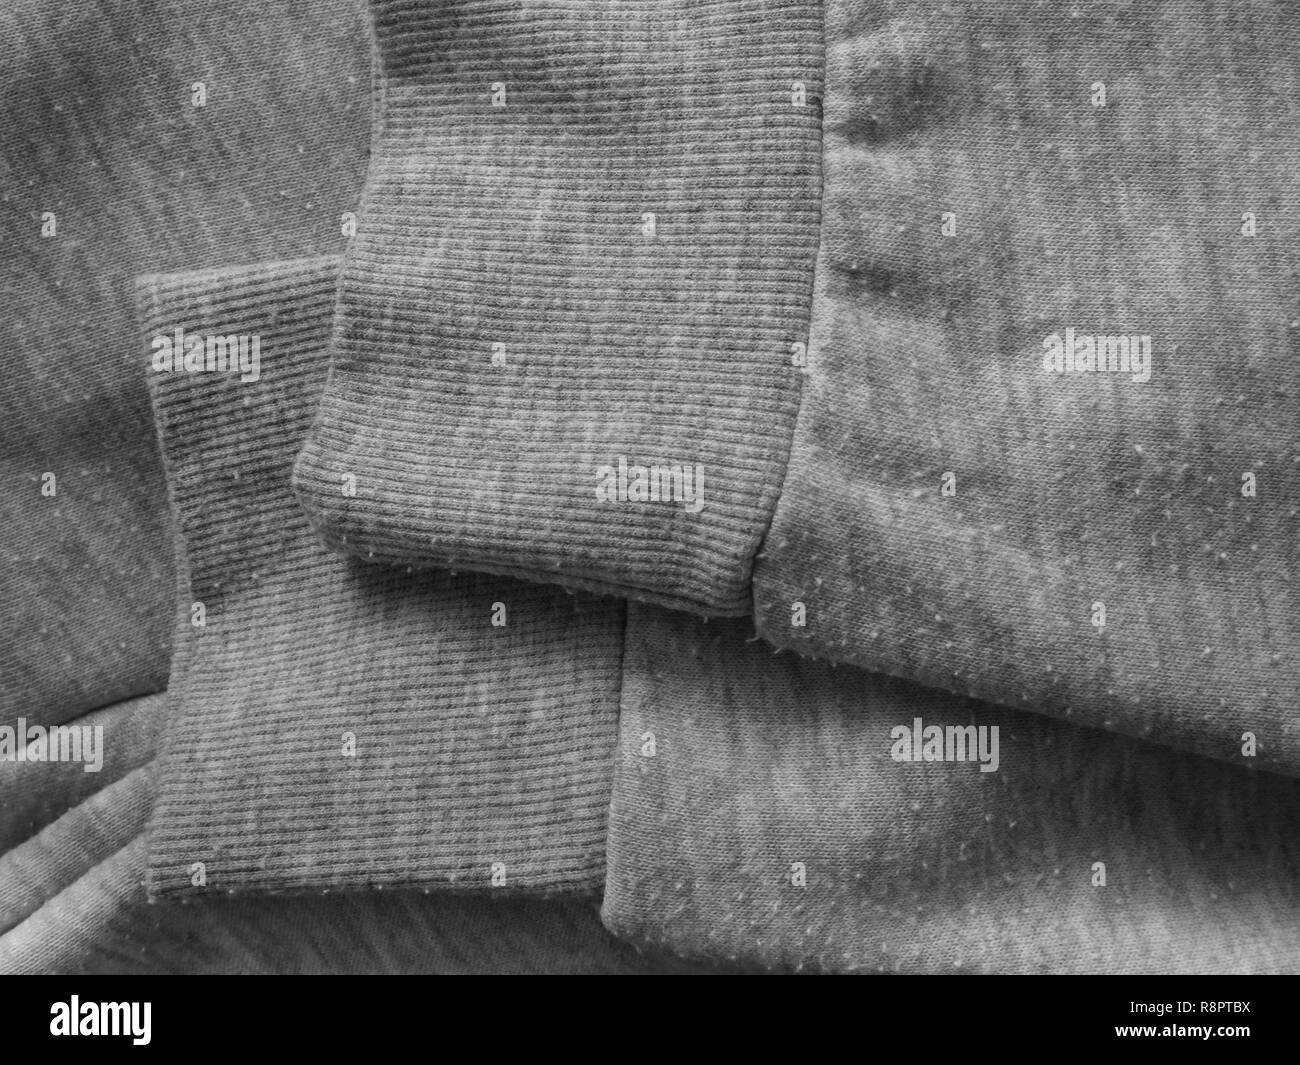 Pillole sul grigio erica Felpa cotone tessuto a maglia. Bobbles sulla maglieria. Immagini Stock